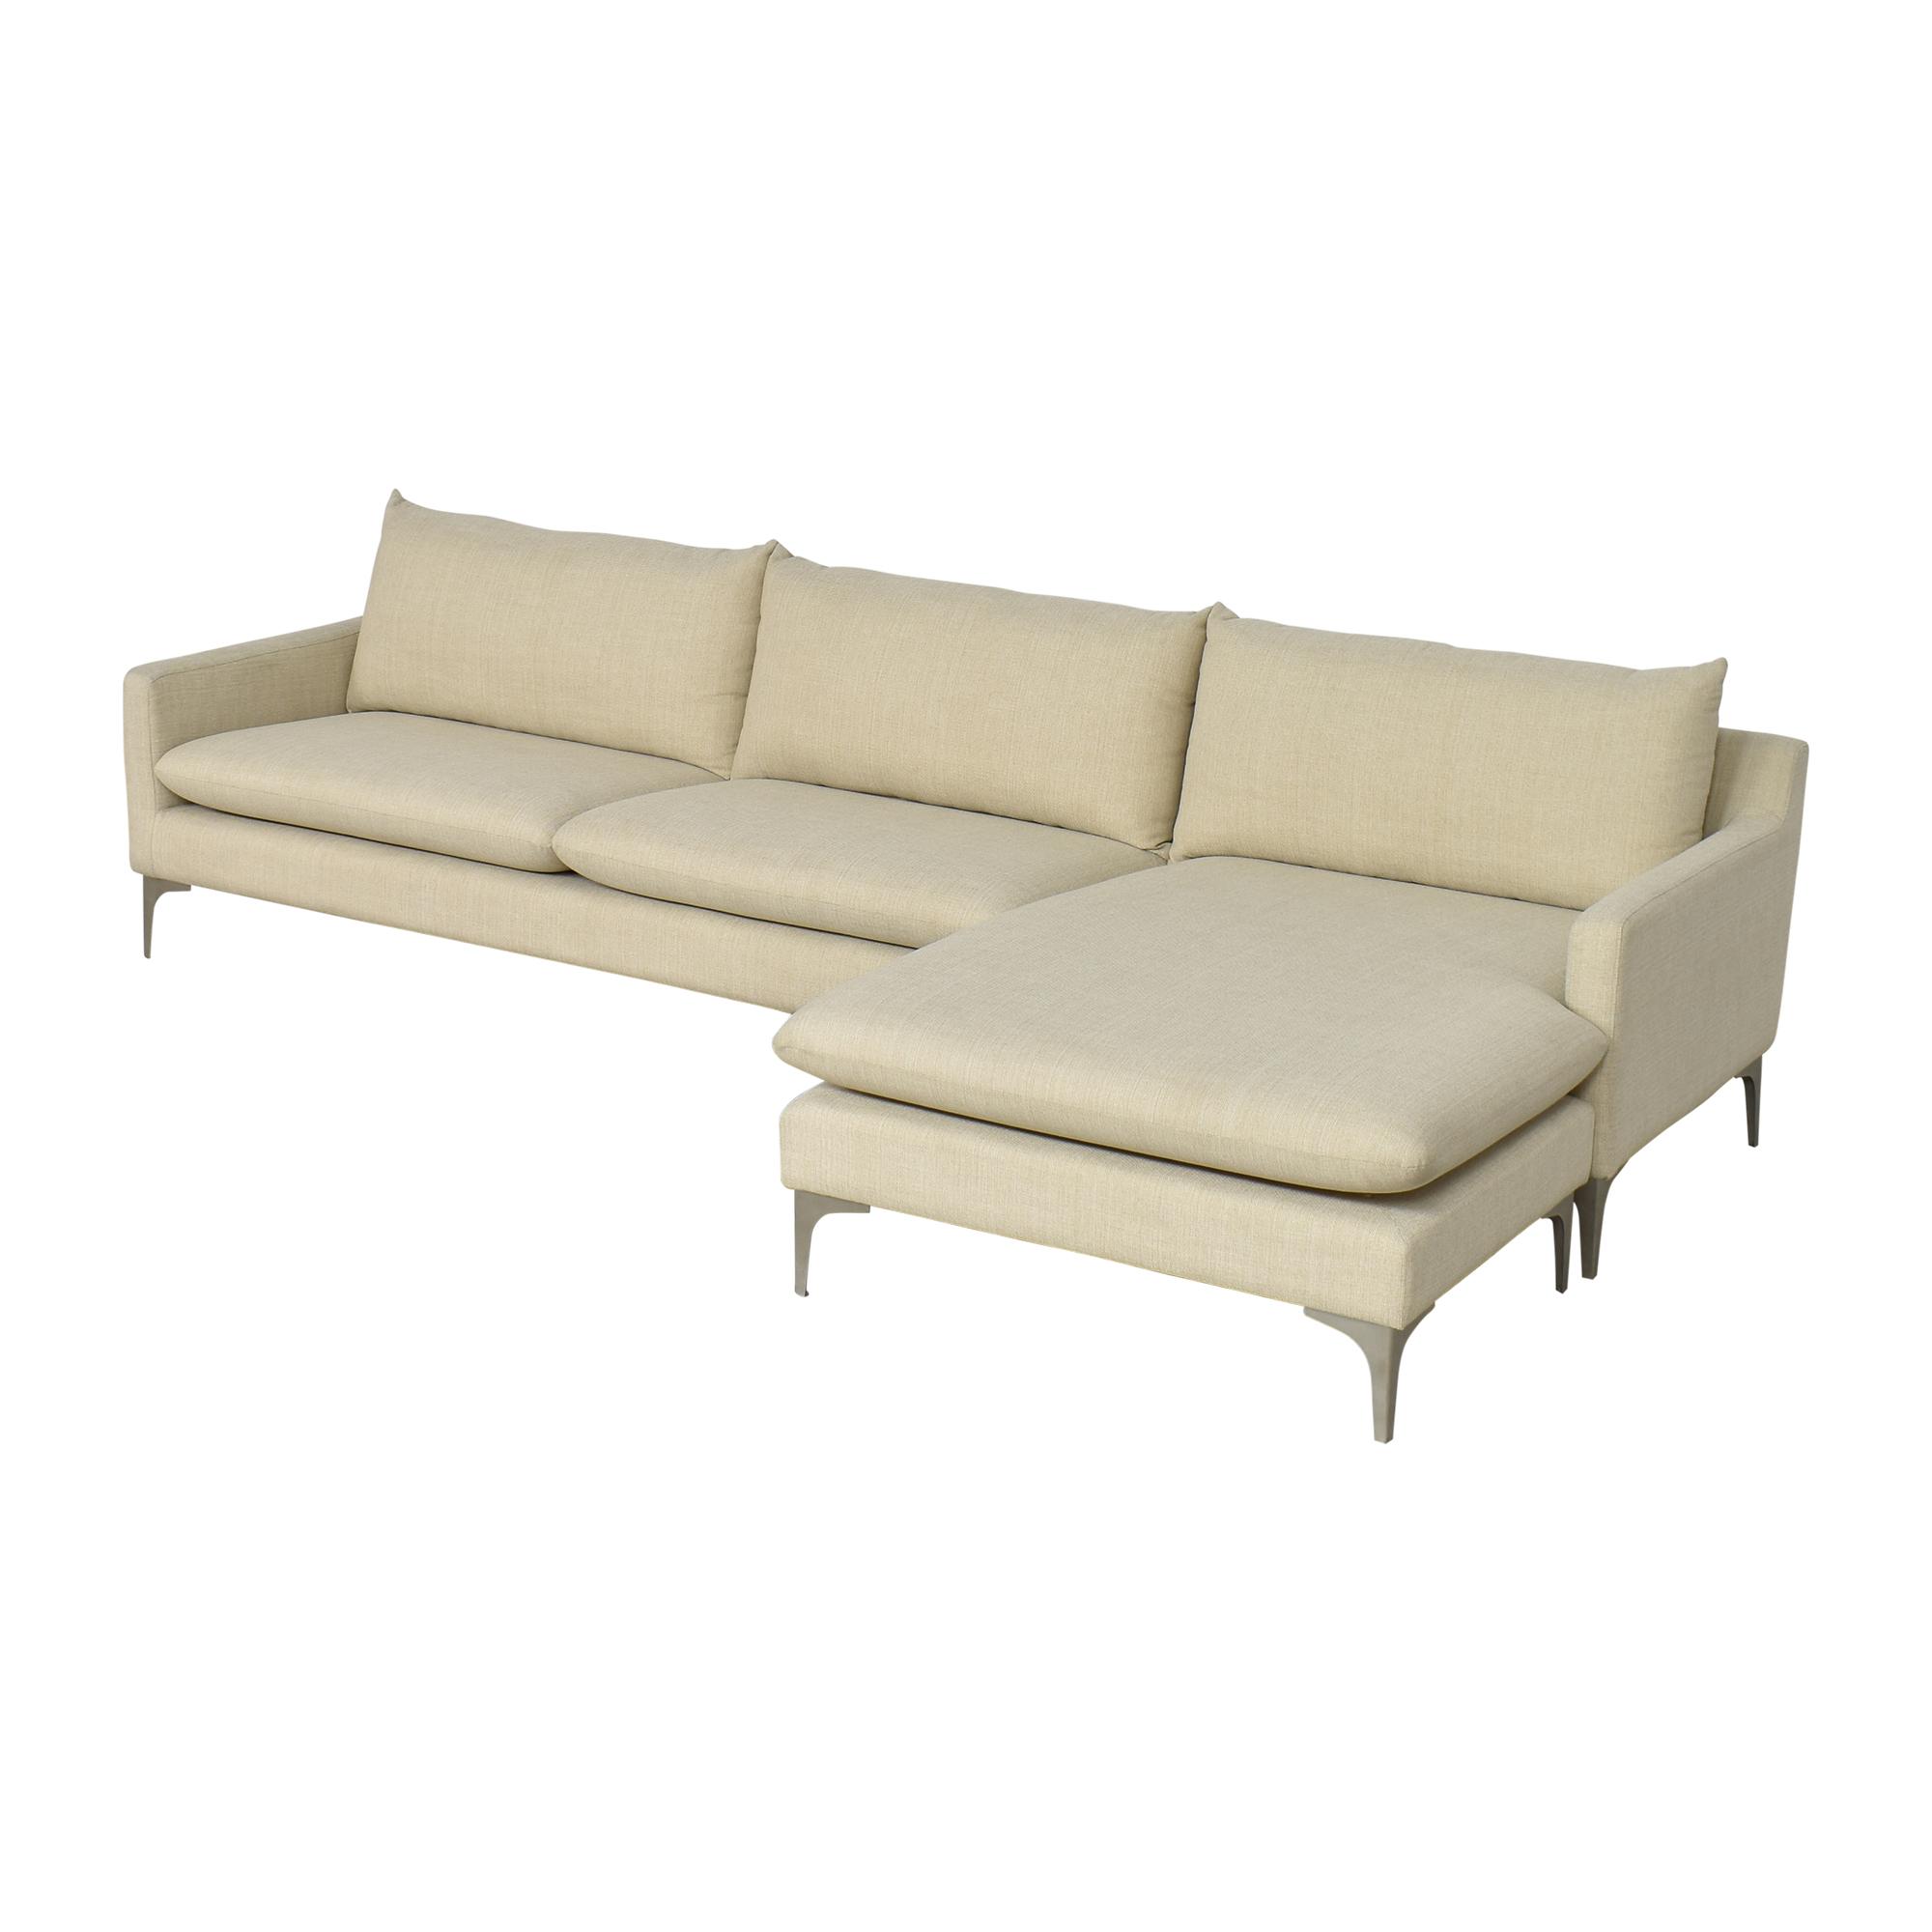 buy Nuevo Nuevo Anders Sectional Sofa online